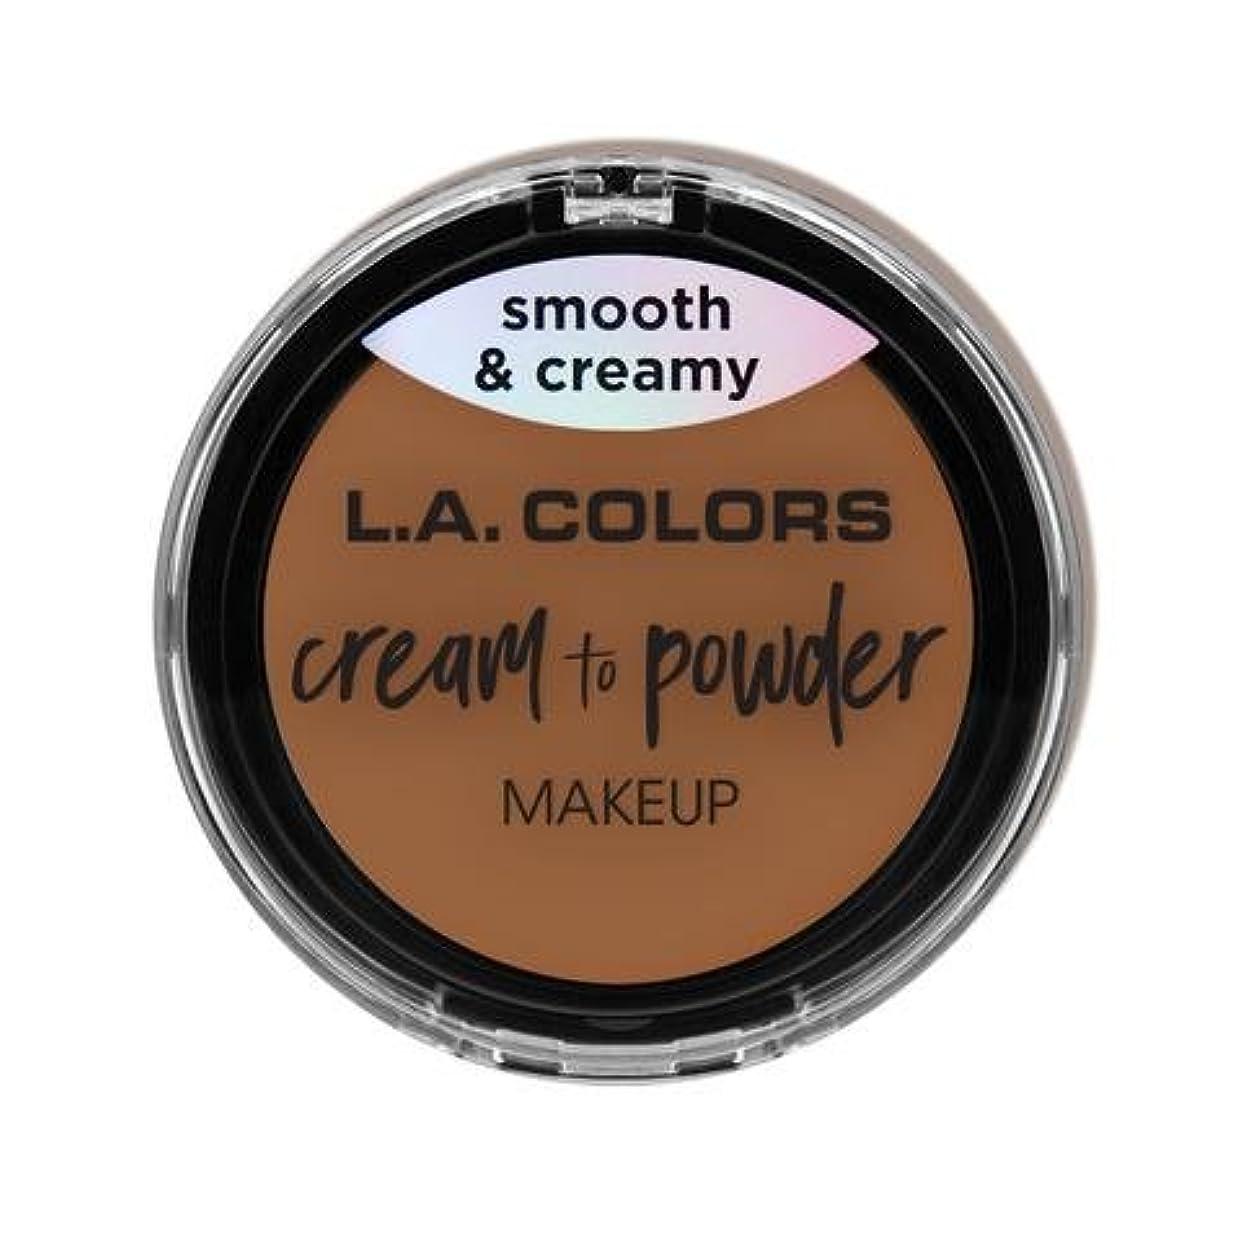 売る国籍悲観的(3 Pack) L.A. COLORS Cream To Powder Foundation - Sand (並行輸入品)